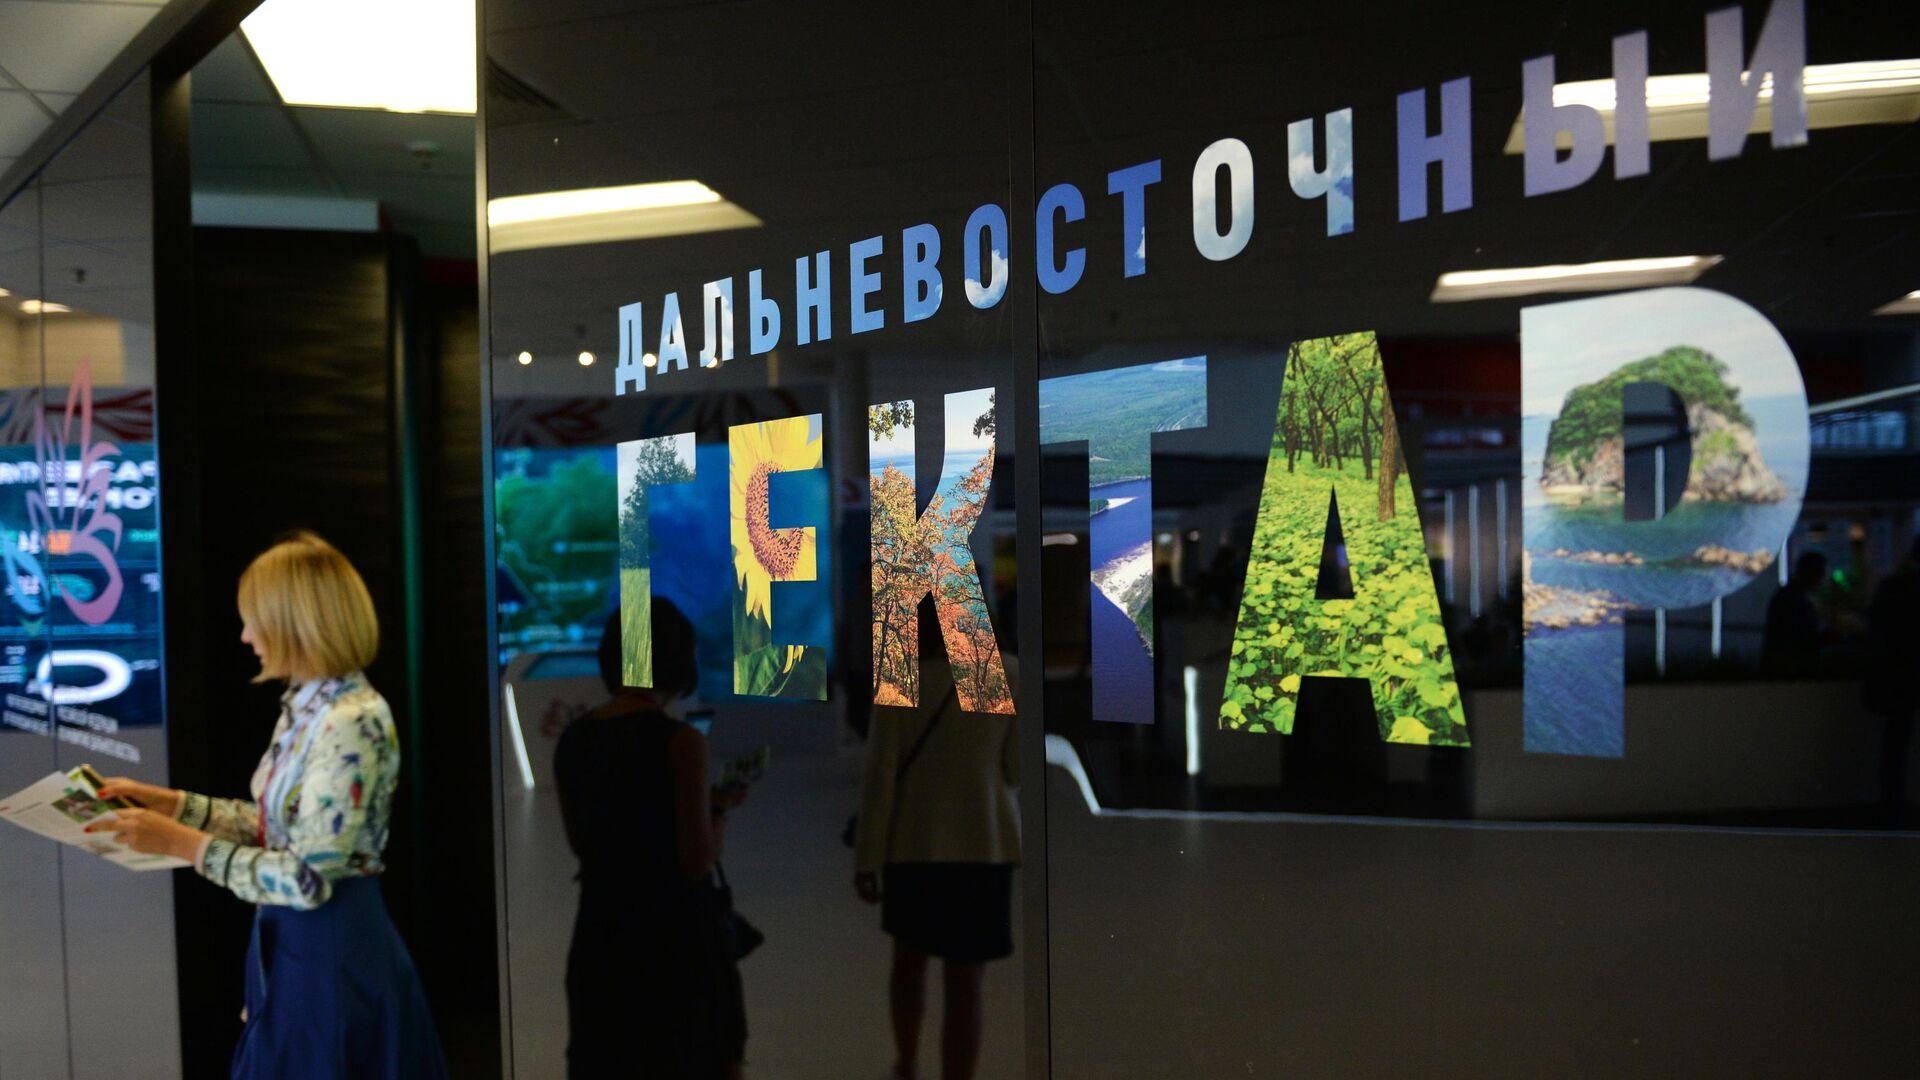 Презентация идей по освоению дальневосточных гектаров - РИА Новости, 1920, 01.02.2021